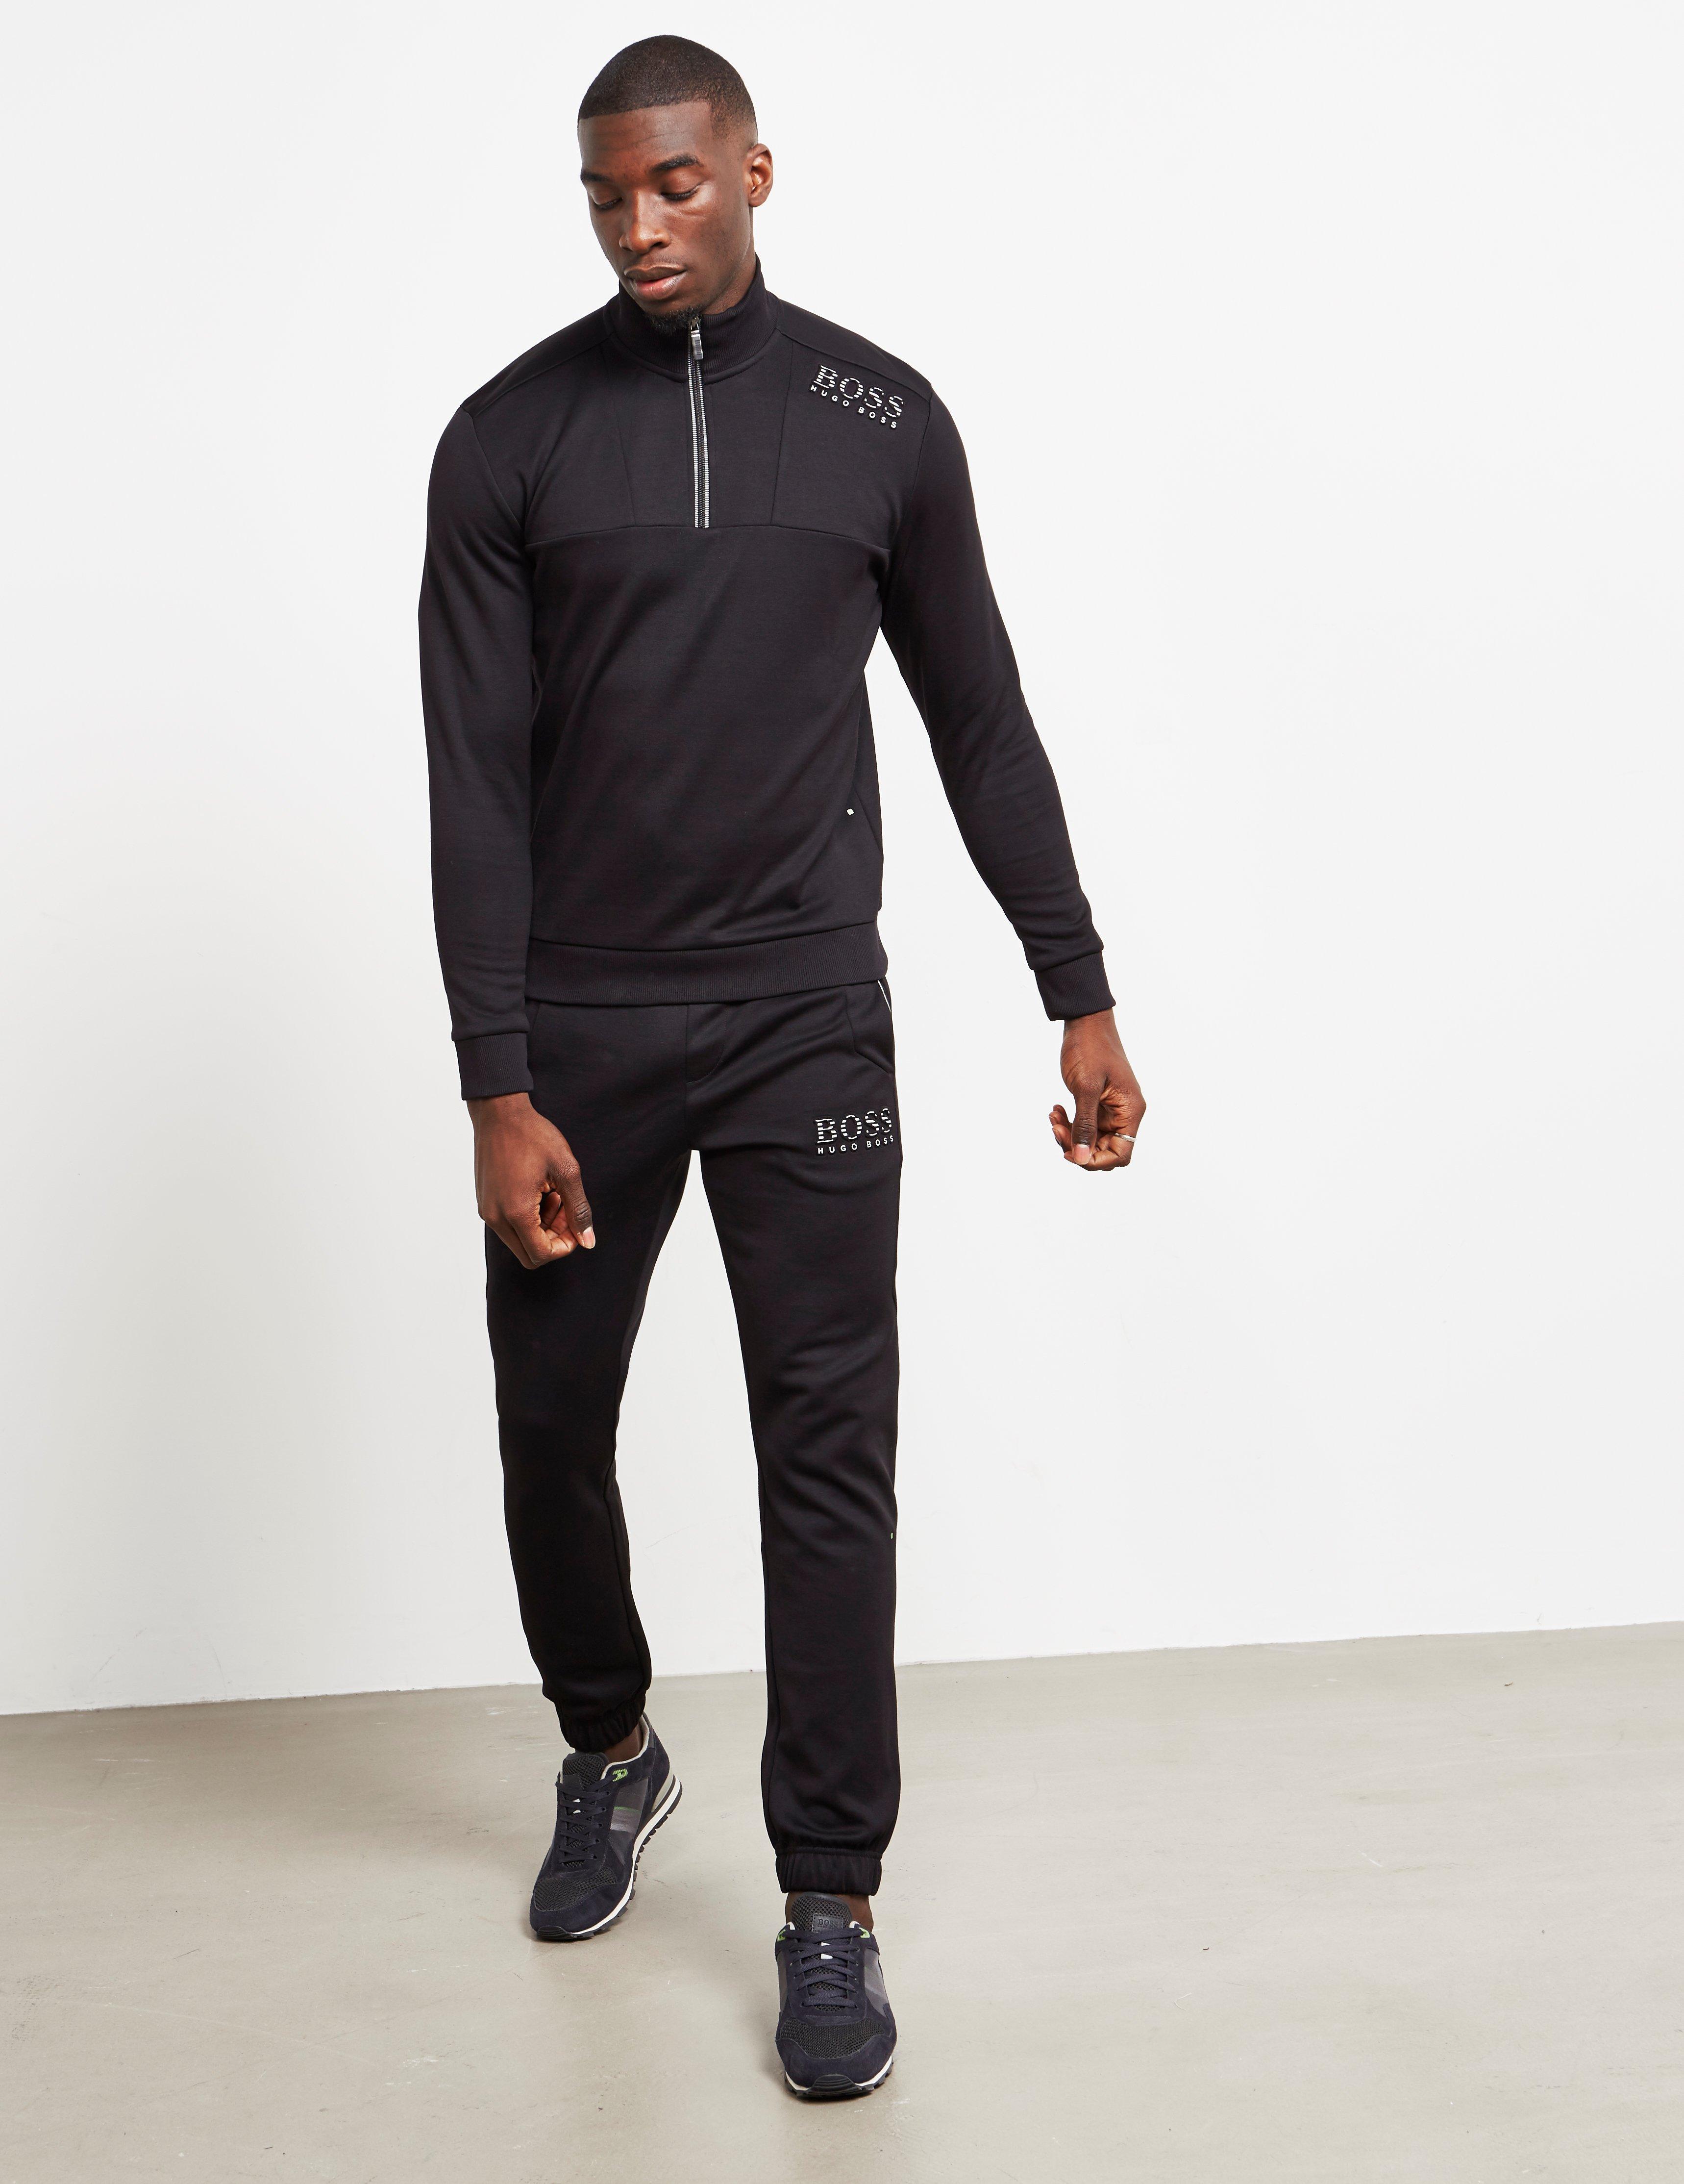 18856c2c Lyst - Boss Mens Half Zip Sweatshirt Black in Black for Men